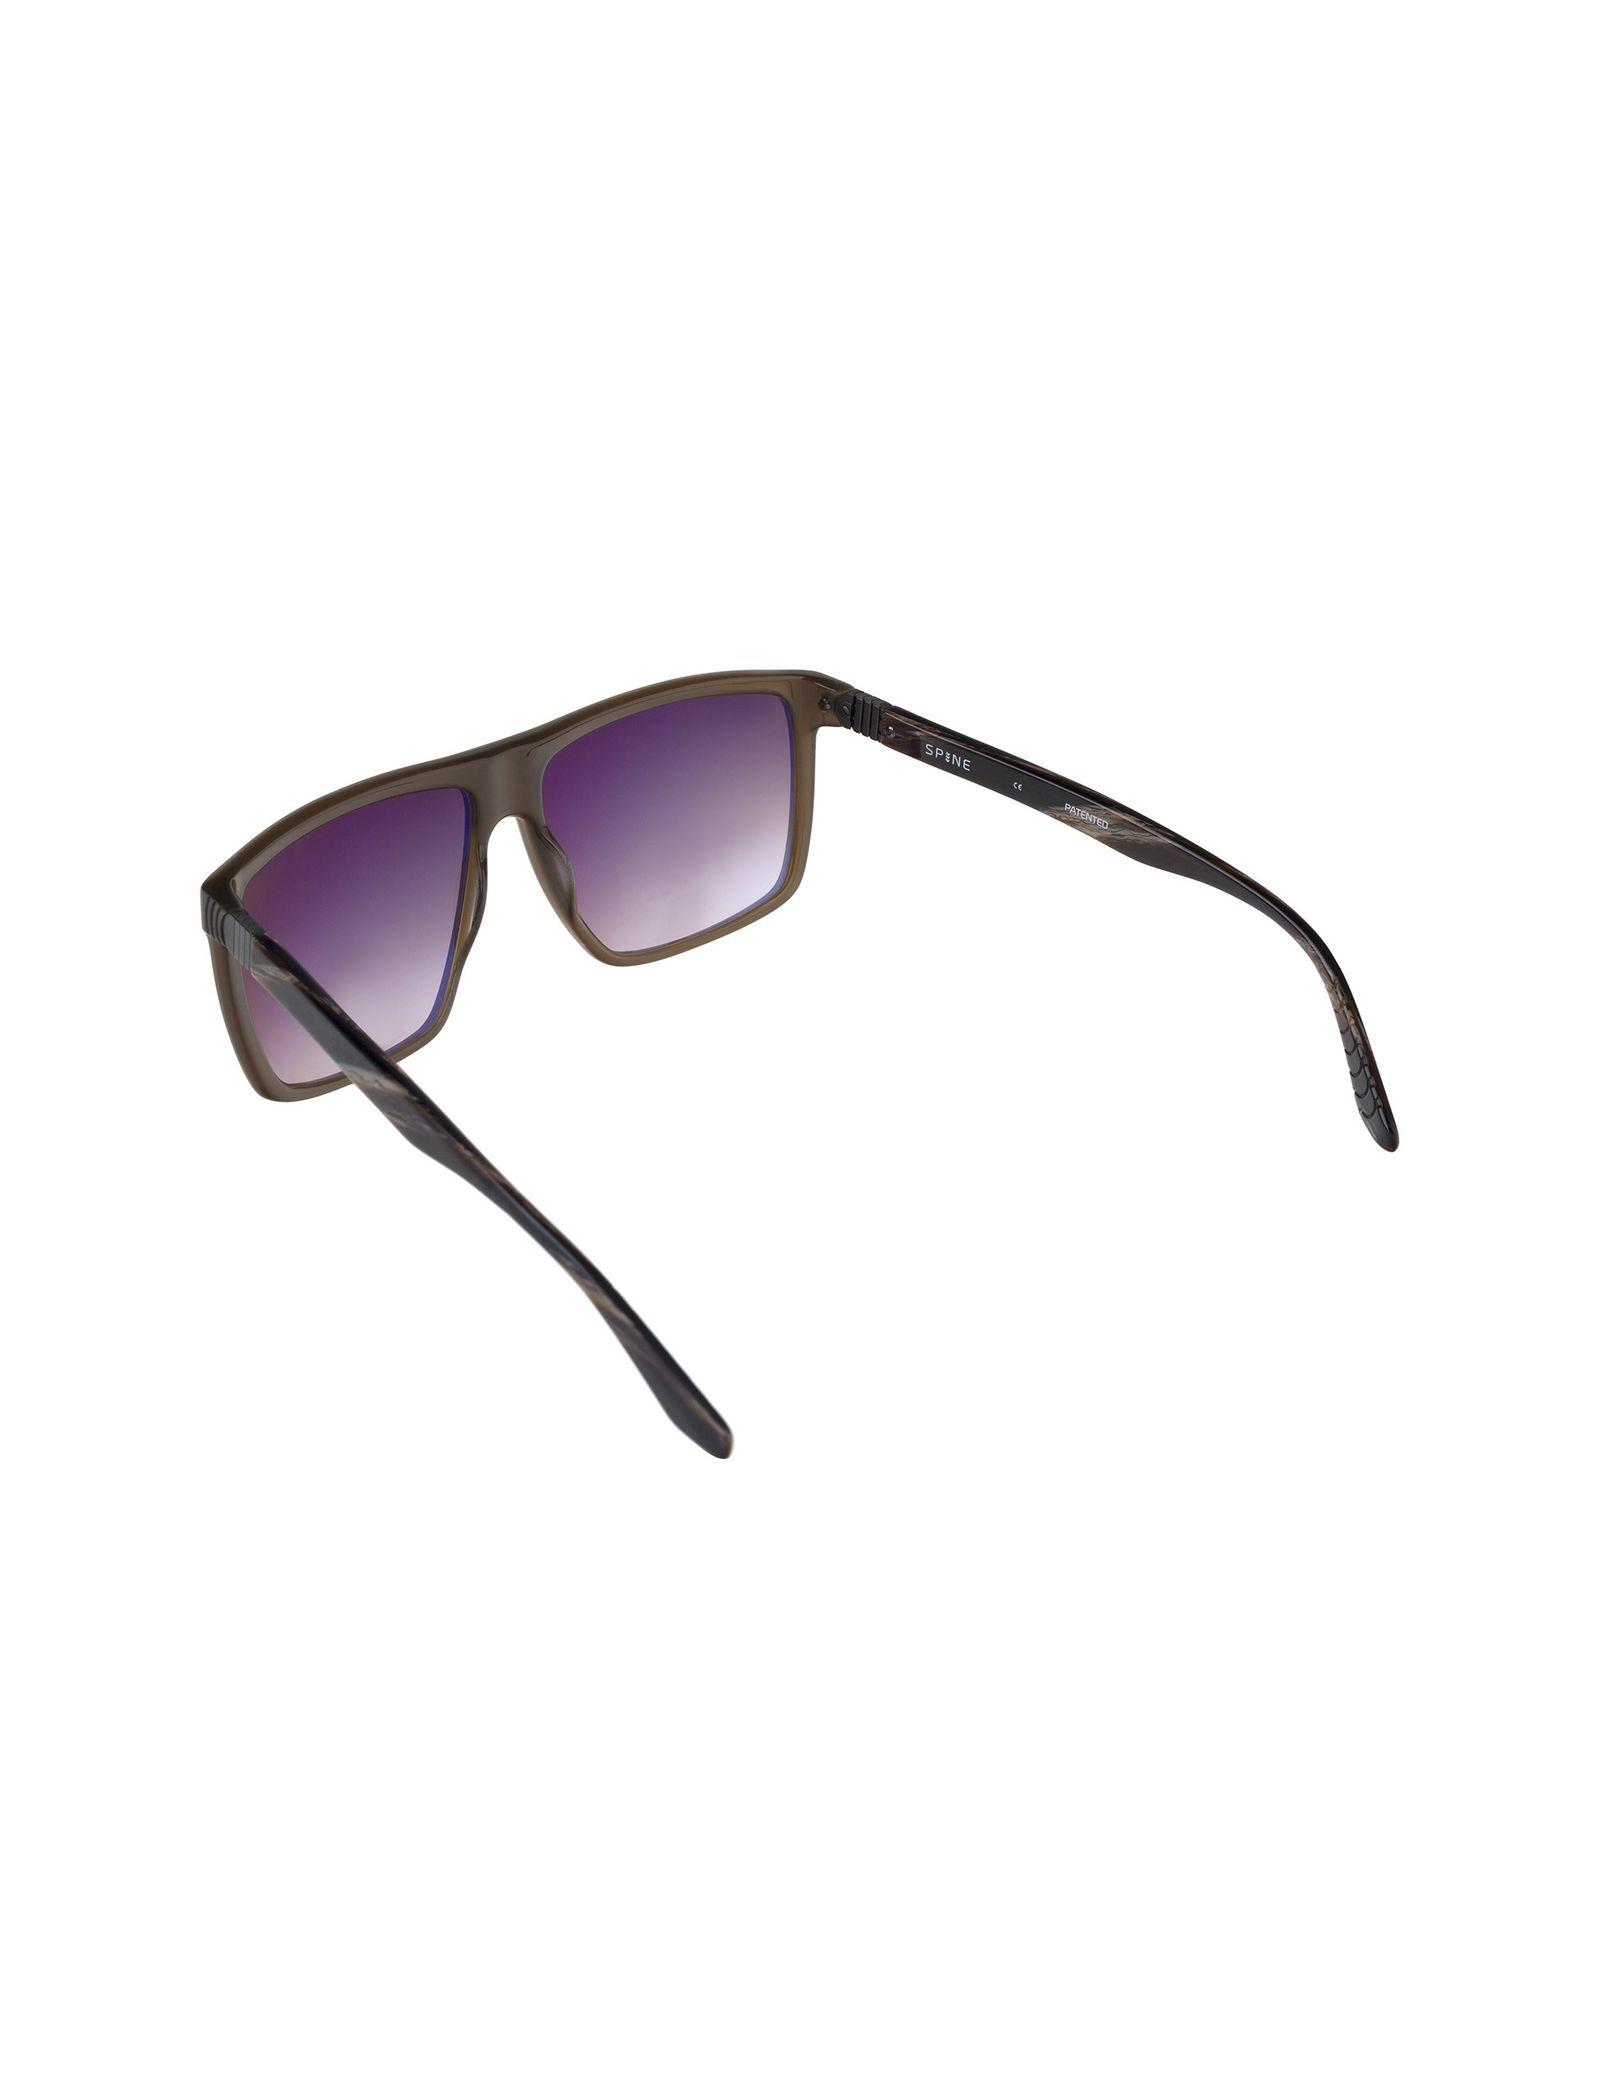 عینک آفتابی ویفرر مردانه - اسپاین - قهوه اي شفاف - 4